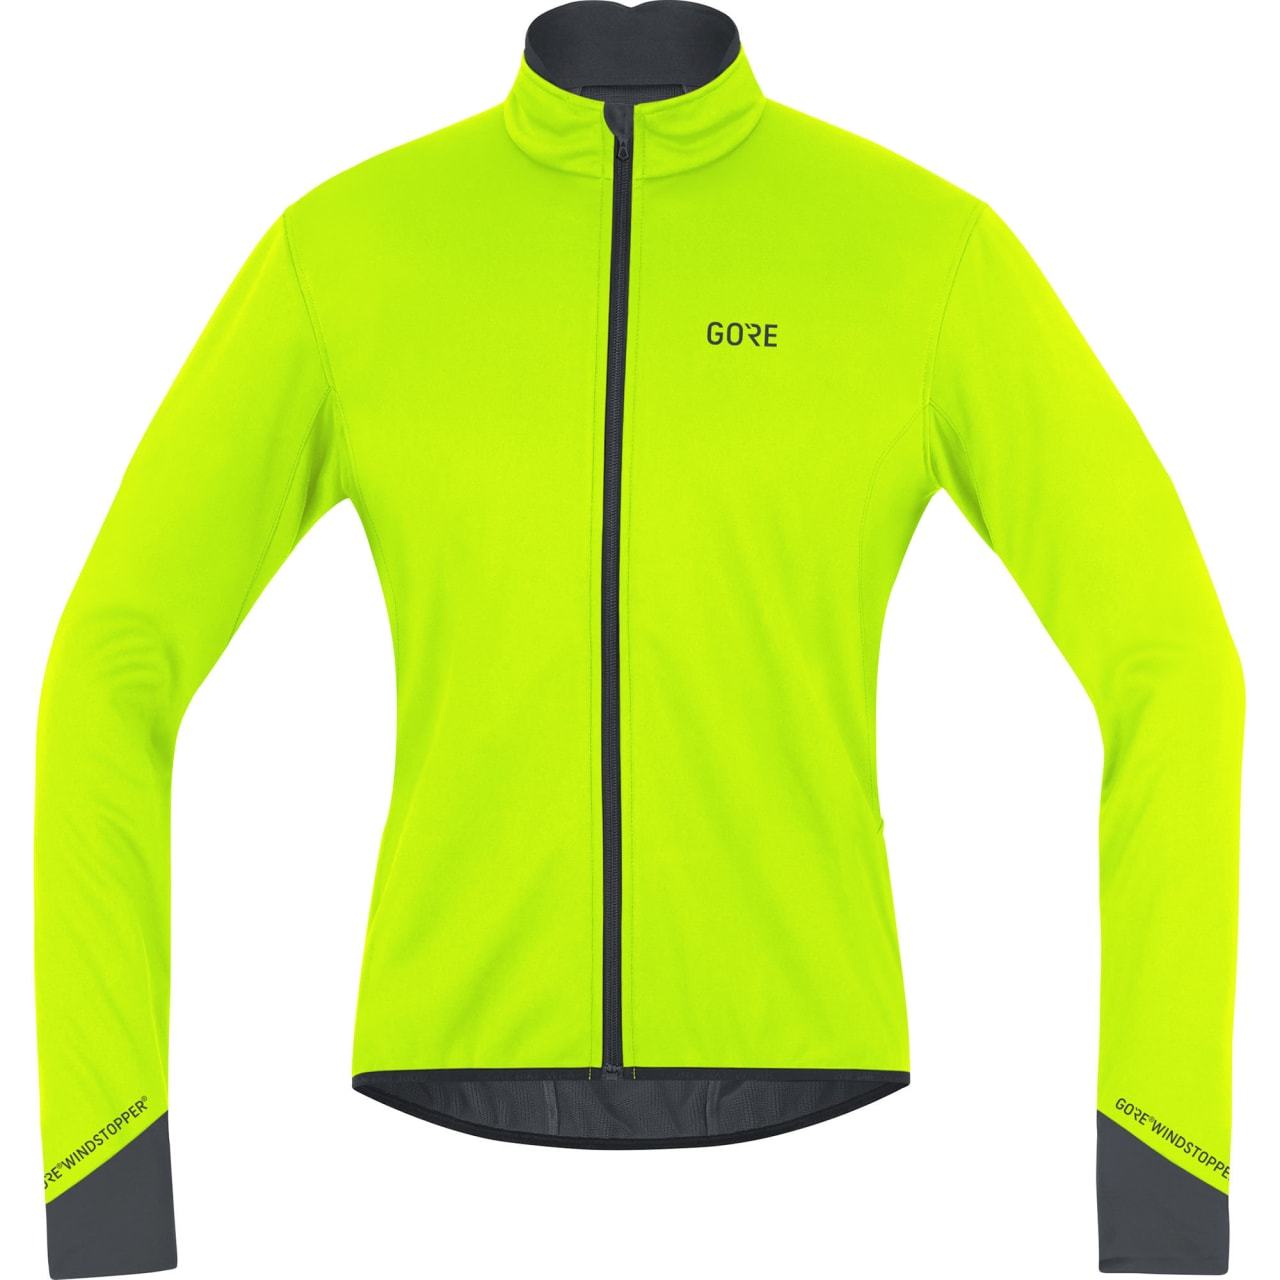 OGSÅ I ANDRE FARGER: Om du synes gult blir litt skrikende, finnes jakken i rødt. God å sykle med om vinteren er den uansett.